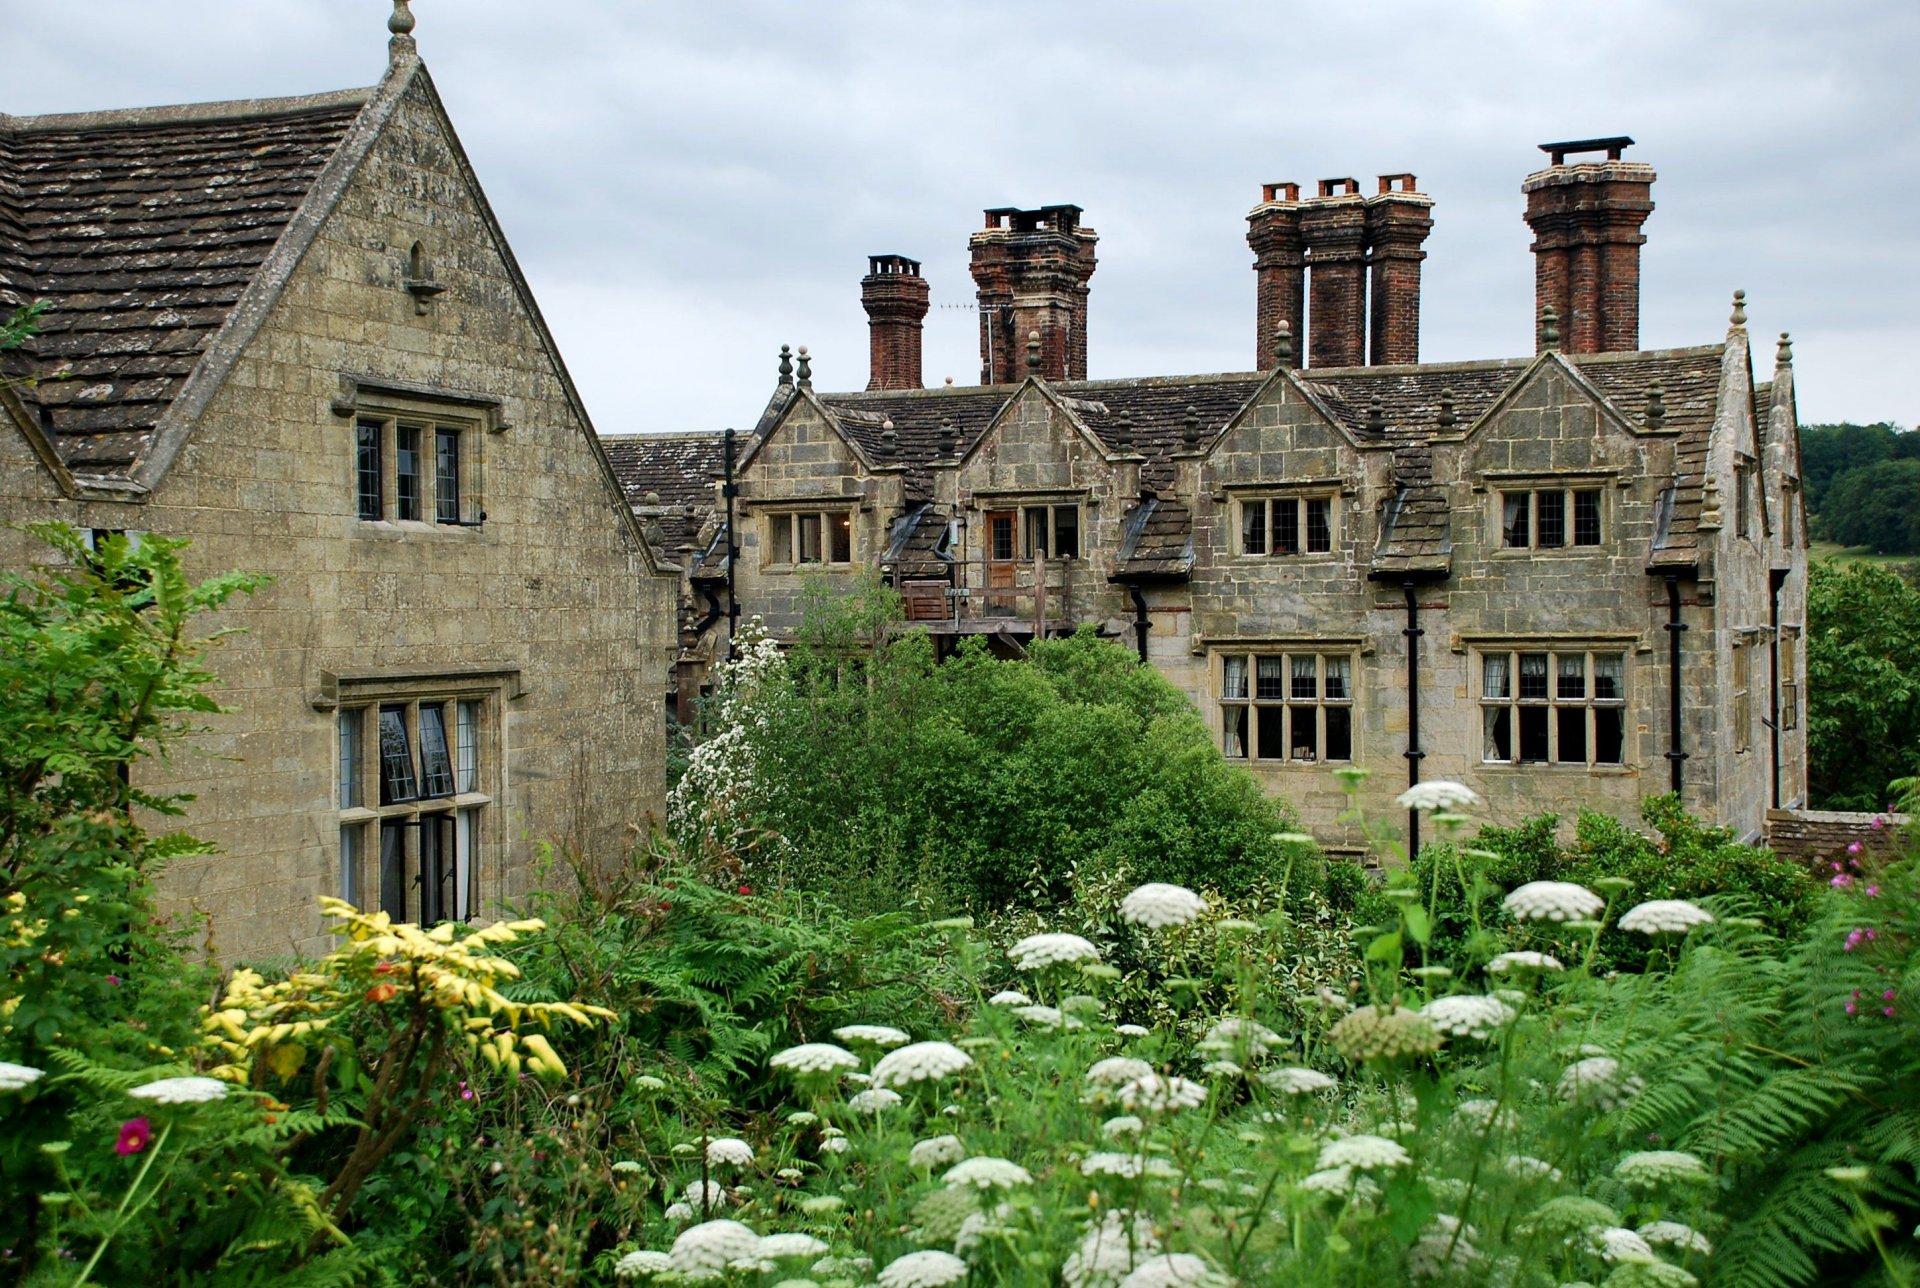 sissinghurst-castle-farmhouse-new-gravetye-manor-cenolophium-.jpg